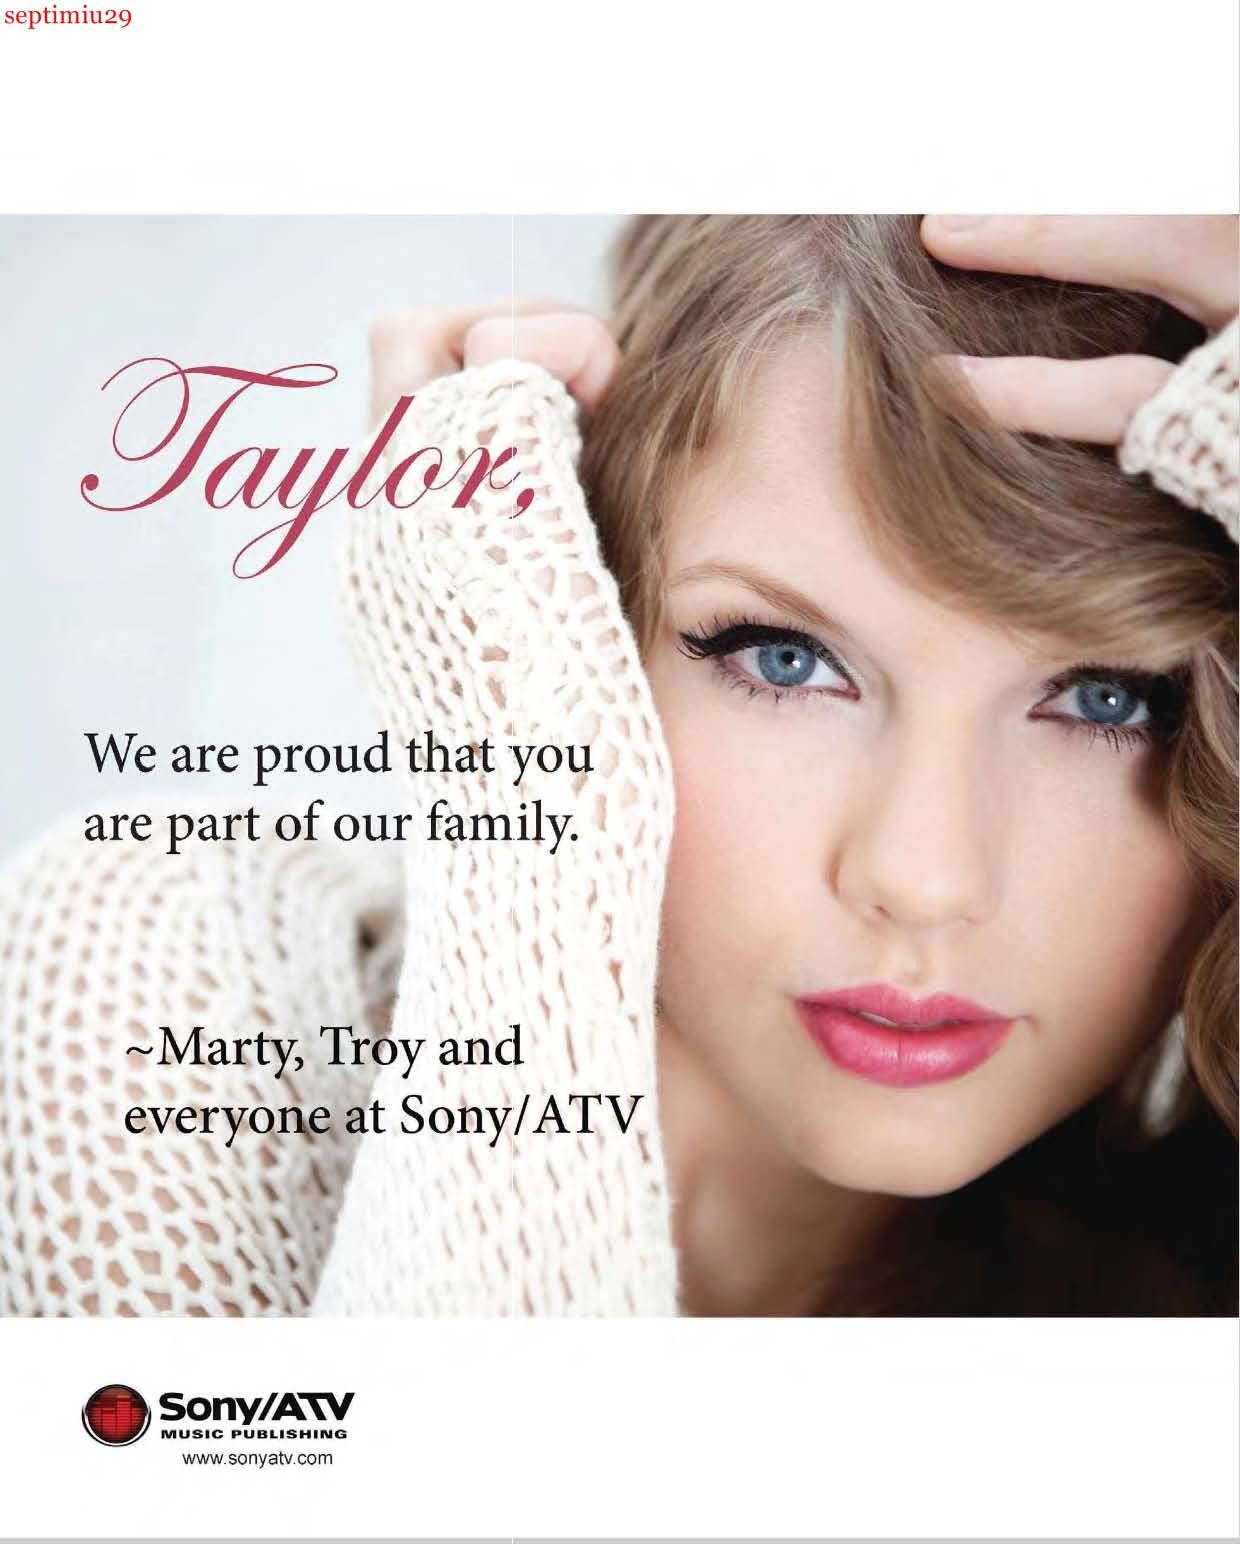 http://2.bp.blogspot.com/_Rq5hXlXNW7o/TNmlmpeDk4I/AAAAAAAAB0Q/0JtY8rG3V7g/s1600/97412_septimiu29_TaylorSwift_Billboard_23Oct20108_122_503lo.jpg